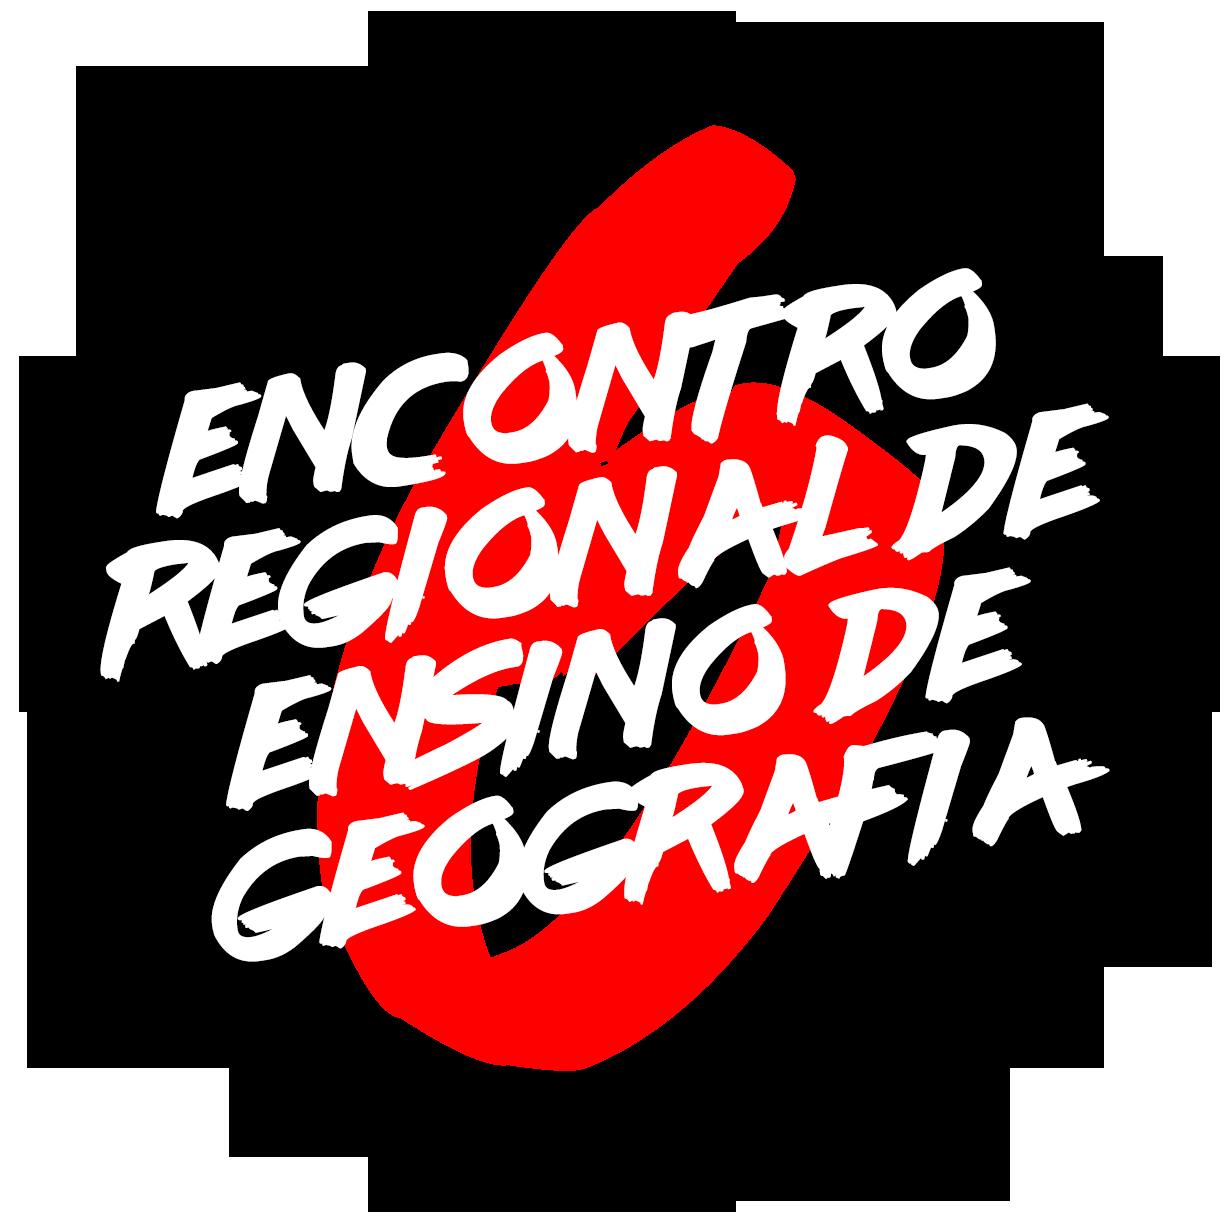 6º Encontro Regional de Ensino de Geografia